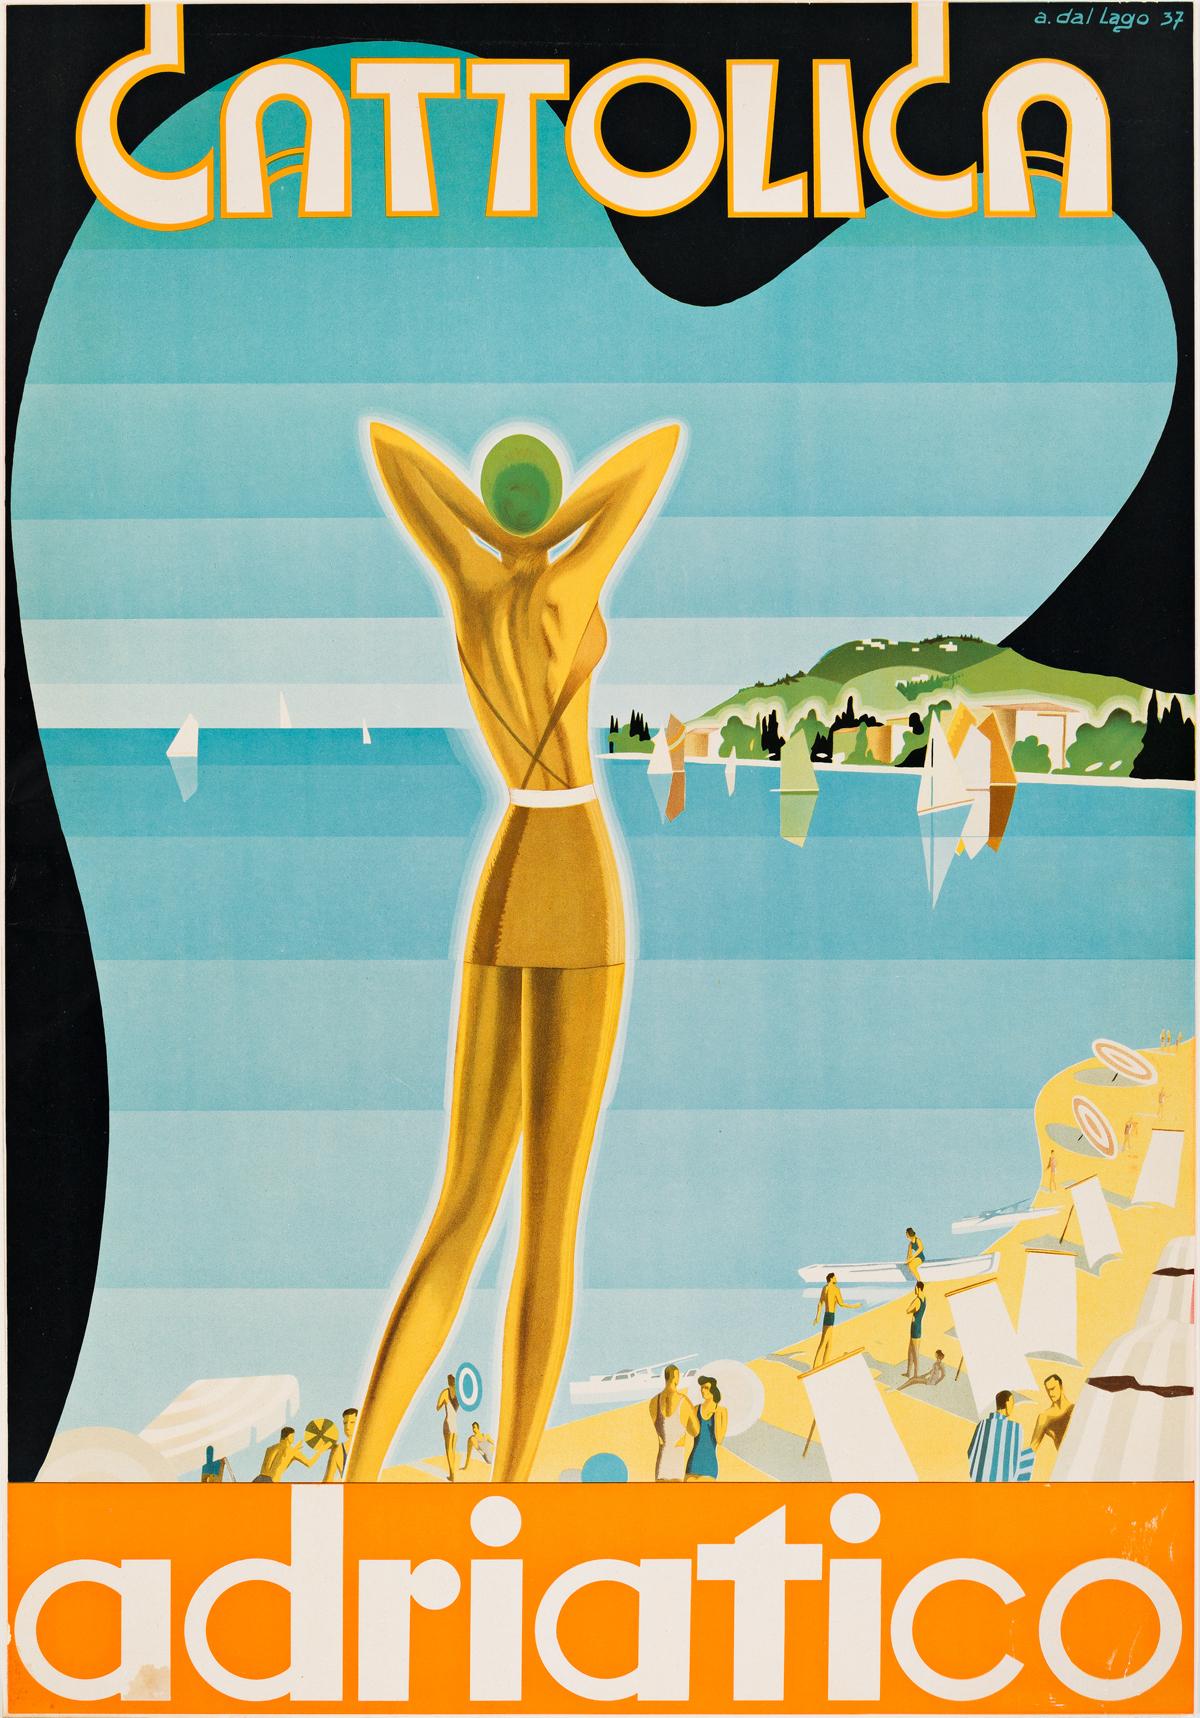 ACHILLE DAL LAGO (1910-1981).  CATTOLICA / ADRIATICO. 1937. 32¾x22¾ inches, 83x57¾ cm. [Longo & Zoppelli, Treviso.]